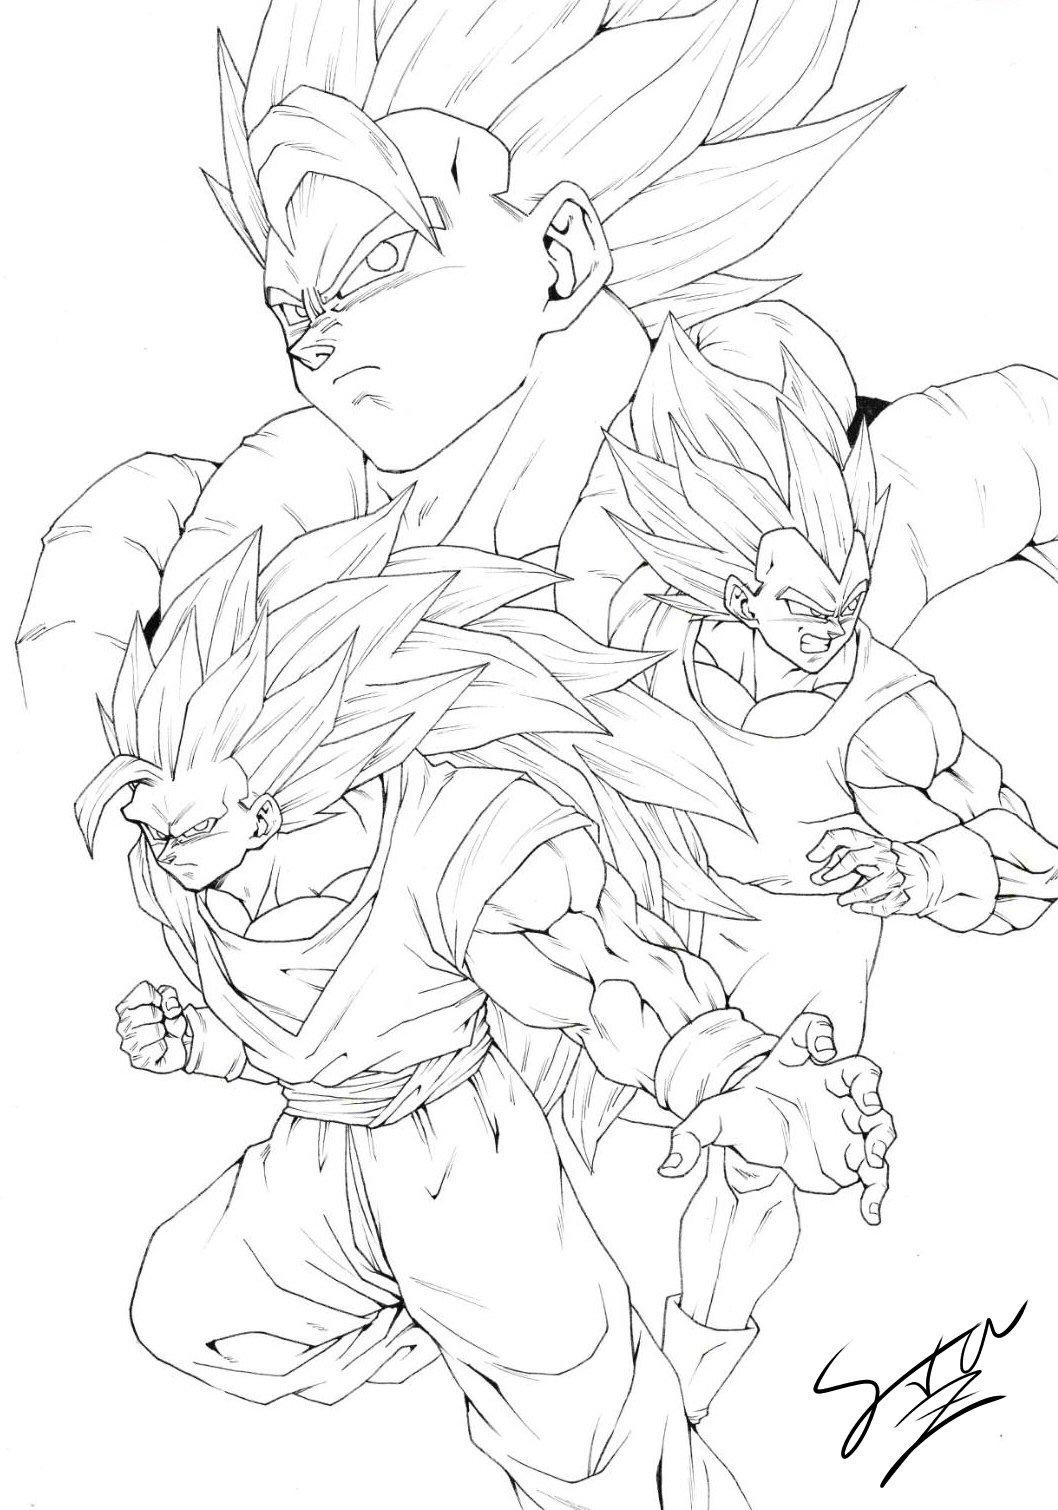 Gogeta Ssb With Images Dragon Ball Art Dragon Ball Super Art